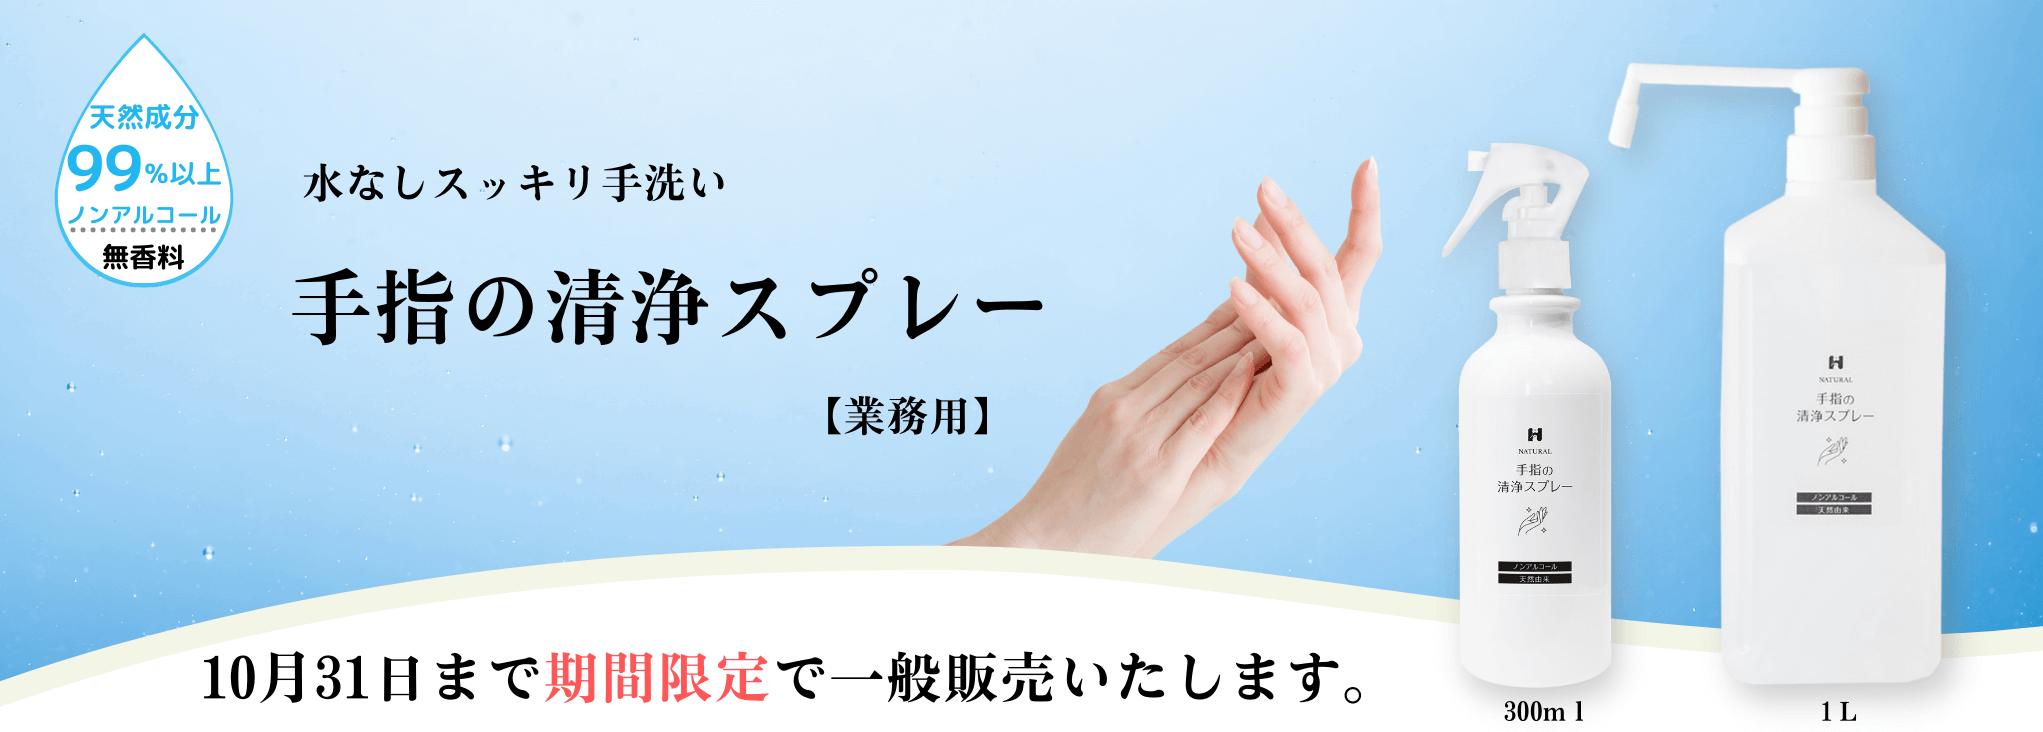 手指清浄一般販売